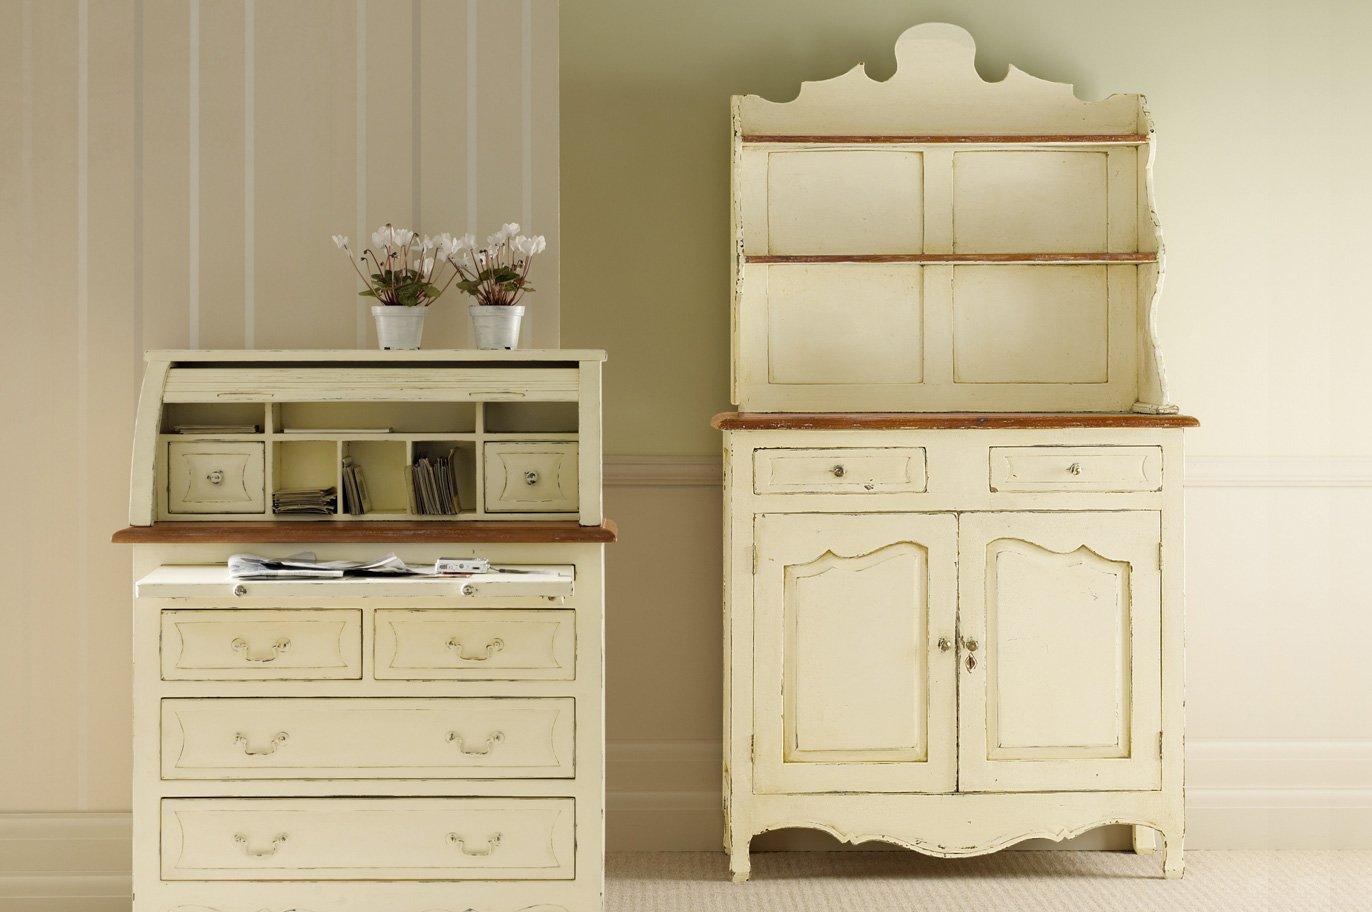 Muebles para una cocina de estilo ingl s decoraci n del - Aparadores de cocina ...